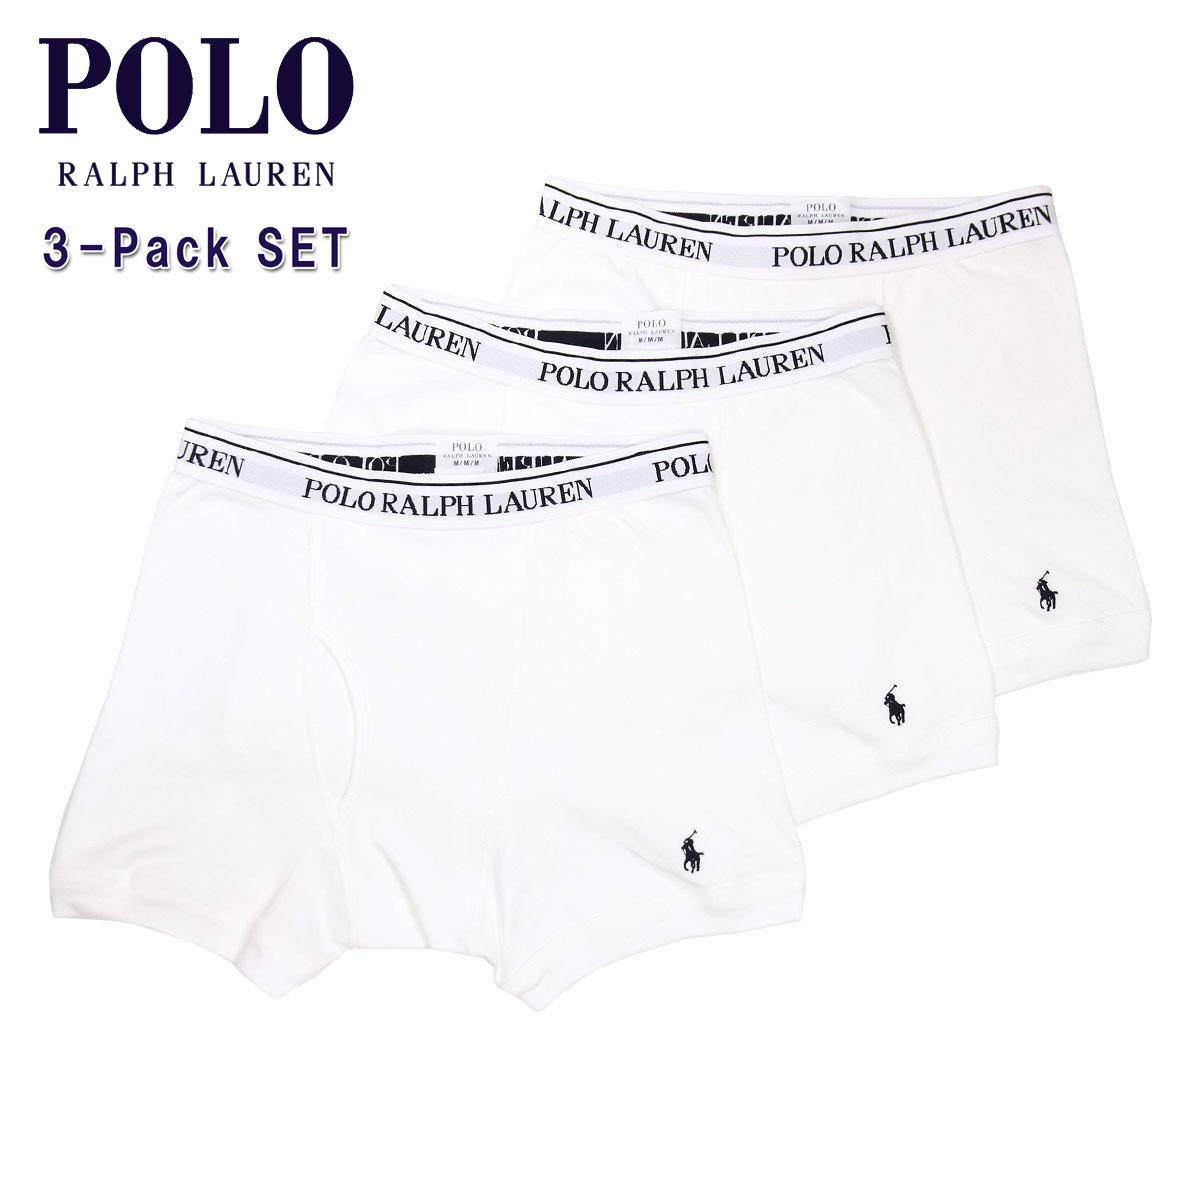 ポロ ラルフローレン POLO RALPH LAUREN 正規品 メンズ ボクサーブリーフ3パック Boxer Brief 3-Pack 4023369 WHITE  A05B B1C C7D D2E E01F